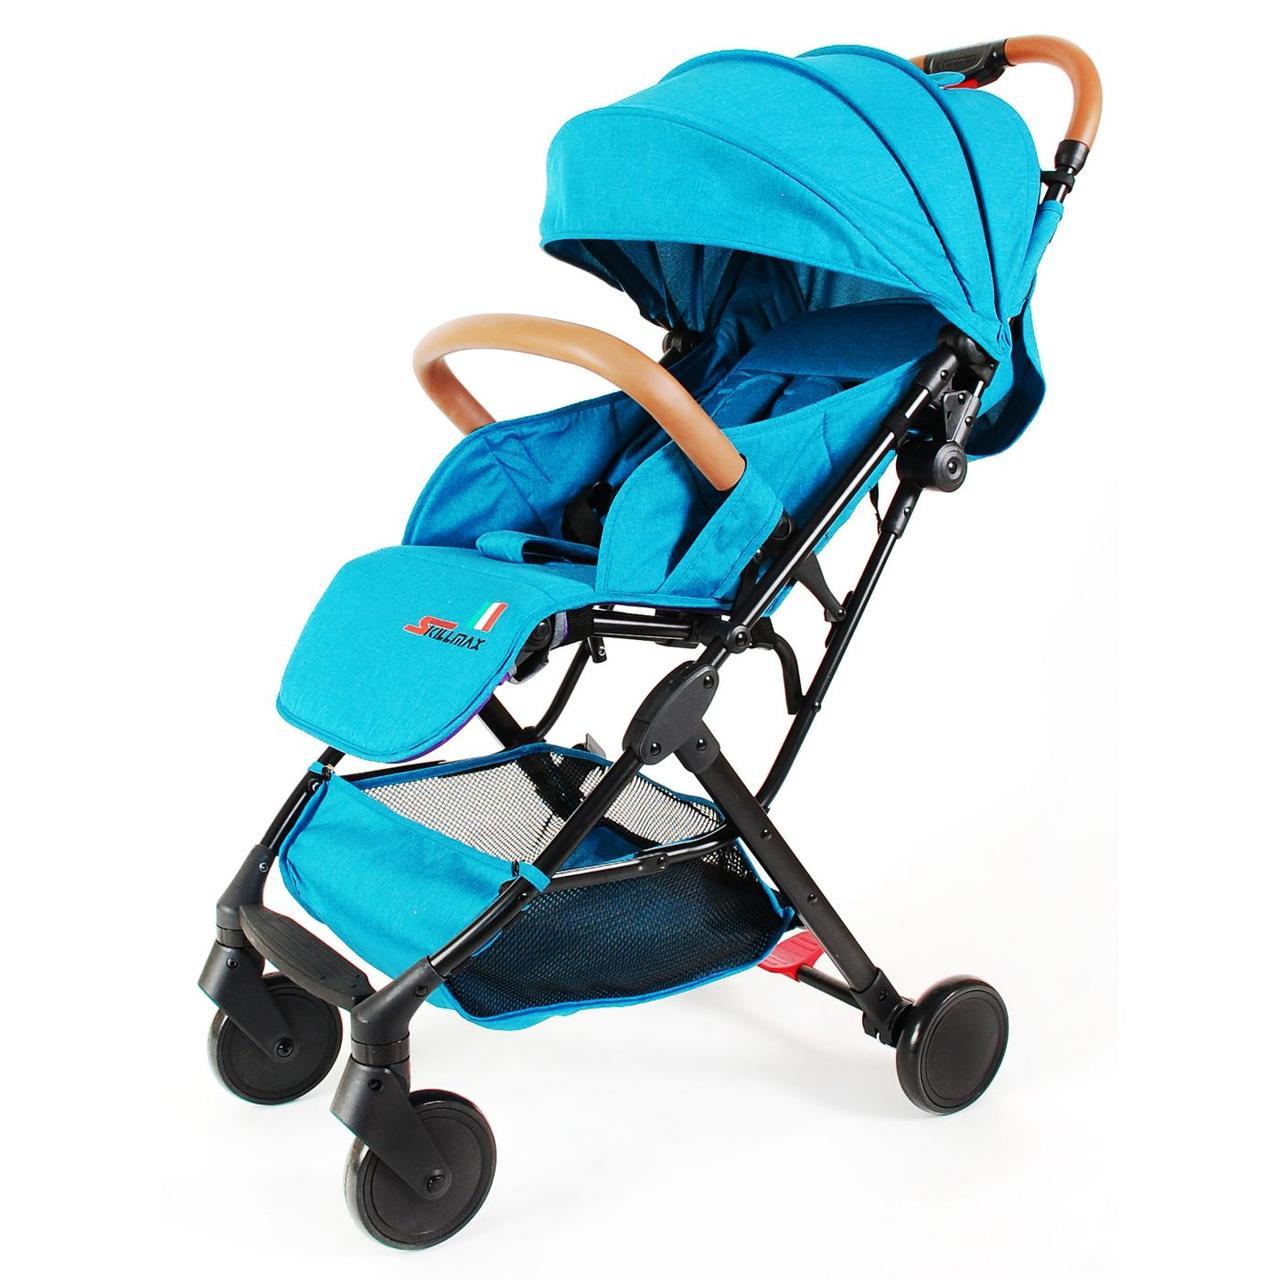 Прогулочная коляска Skillmax TL- BLX 20 зелено-синий (green blue)